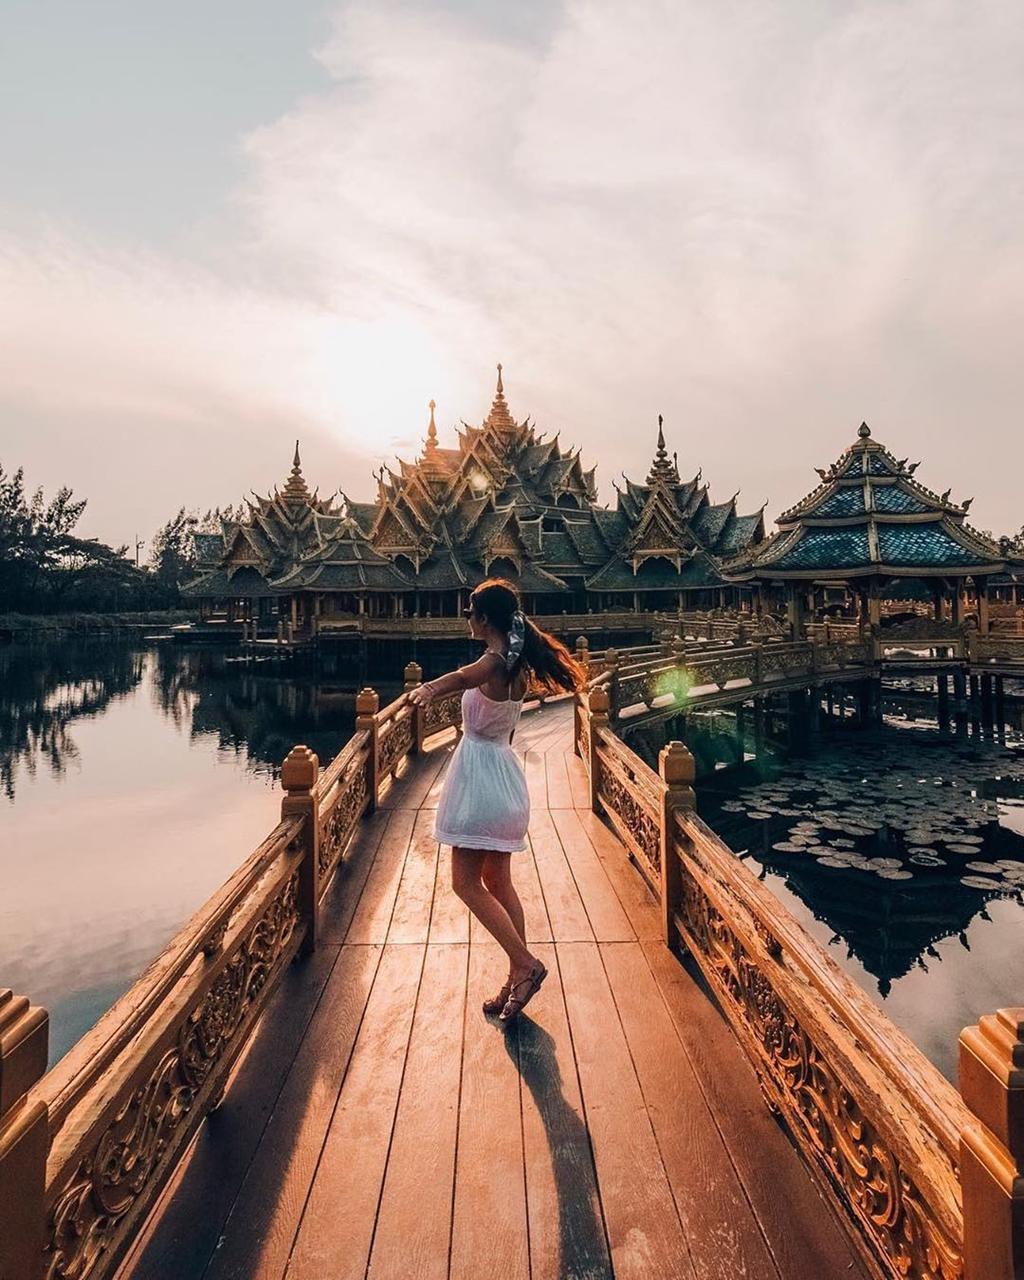 Thủy quái bao quanh ngôi đền trong thành cổ ở Thái Lan Ảnh 5